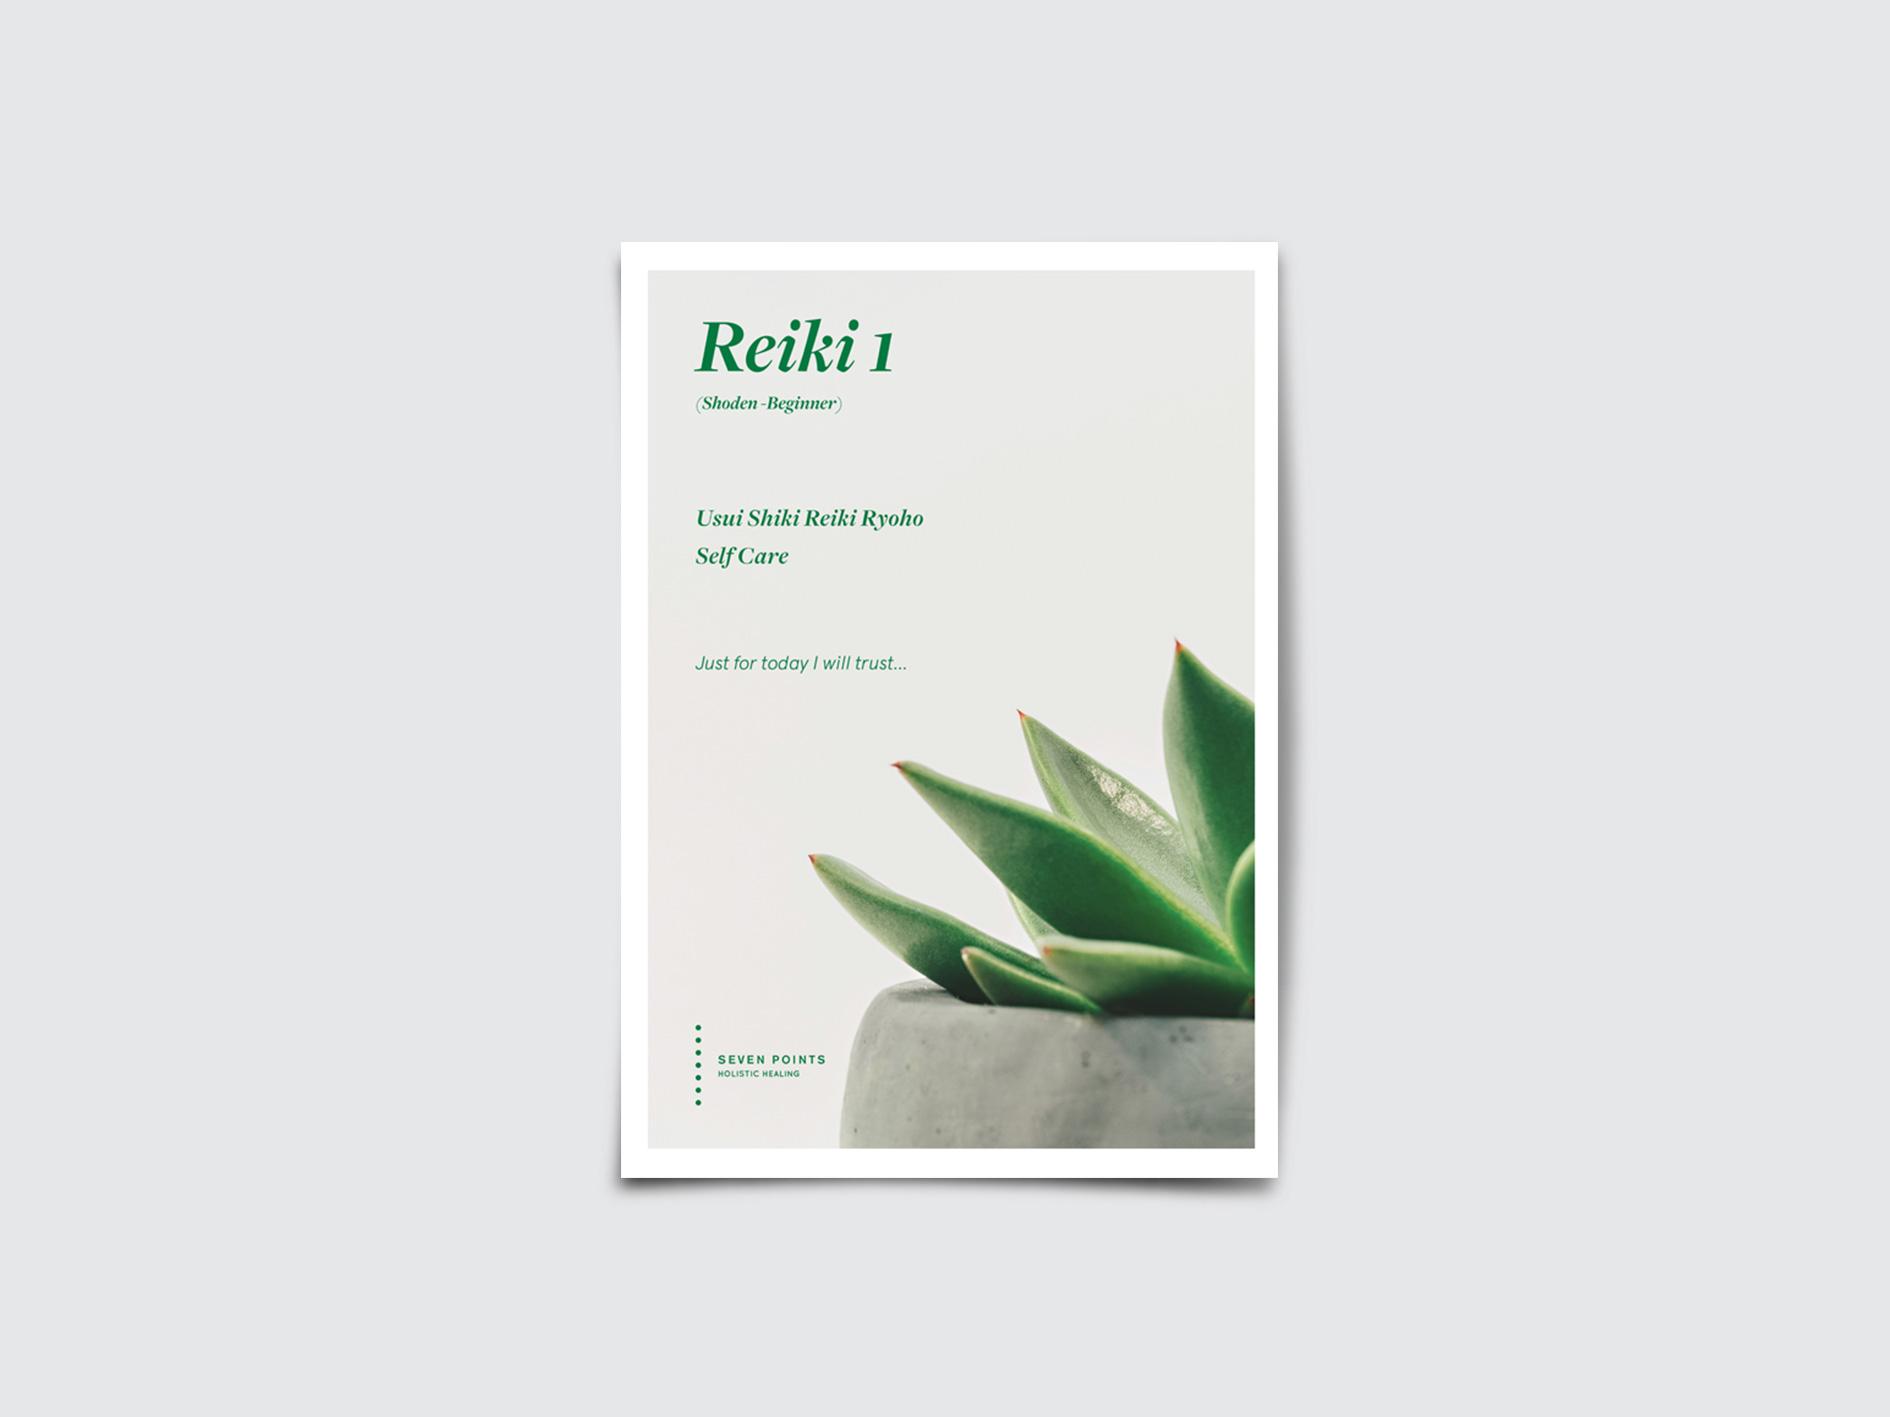 Seven Points Reiki 1 booklet, publication design melbounre